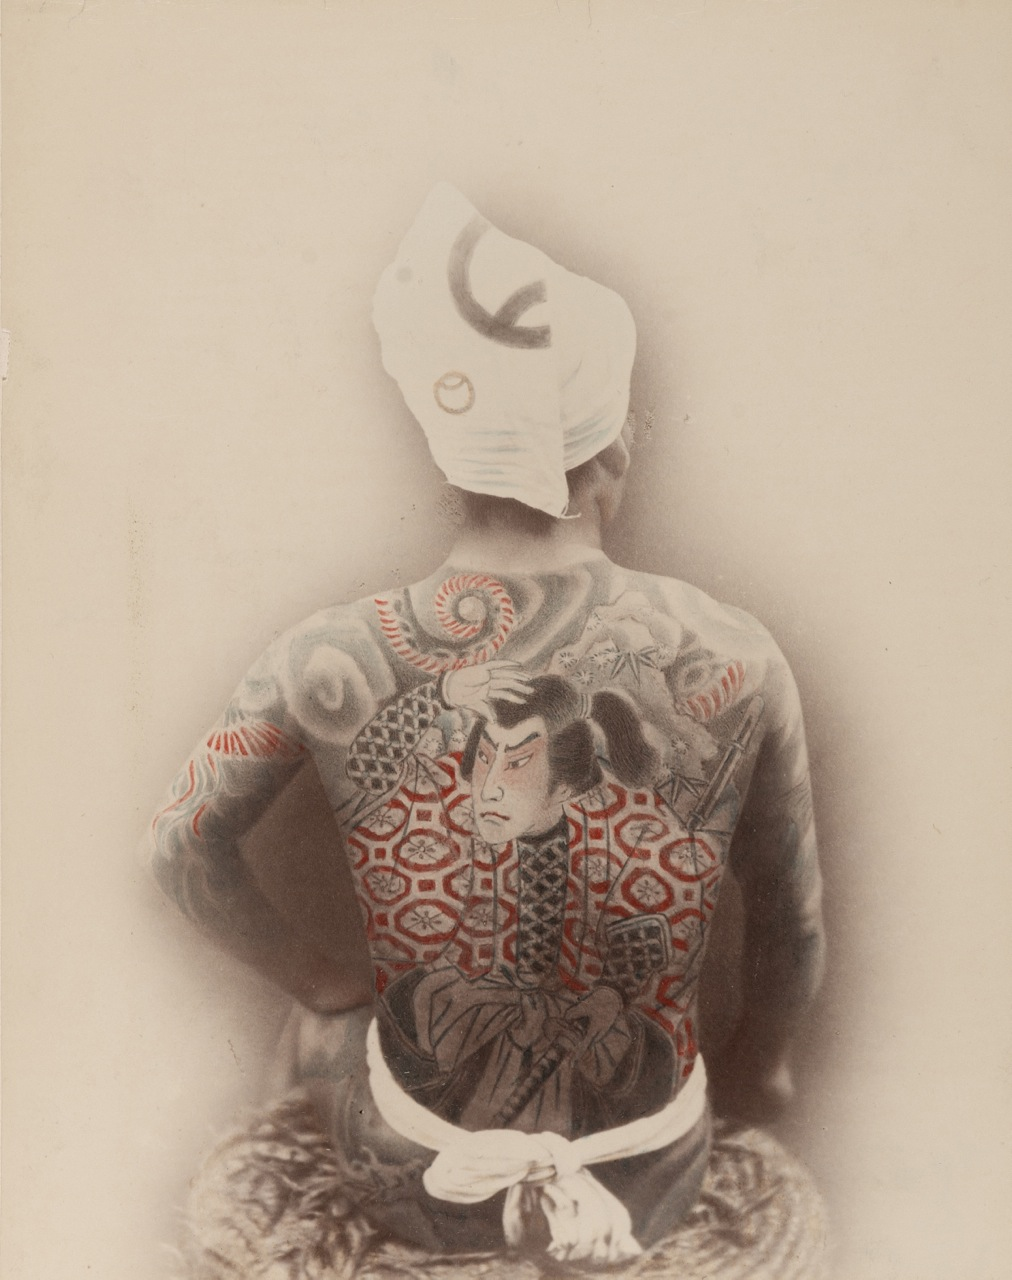 viele Fotos lassen sich nicht mehr zuordnen – anonyme Aufnahme eines Tätowierten Mannes